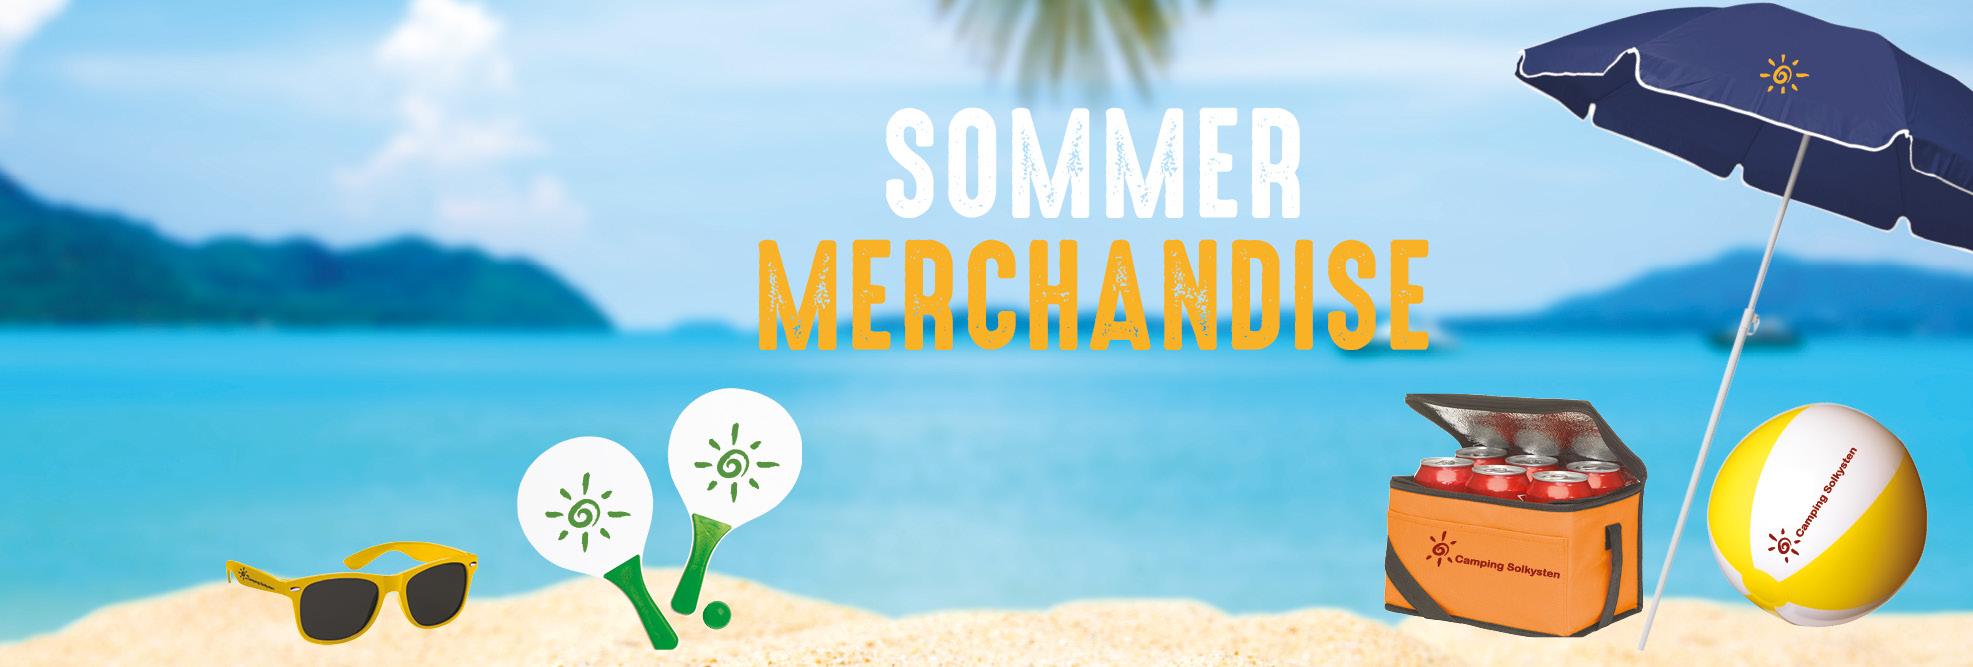 Sommer merchandise